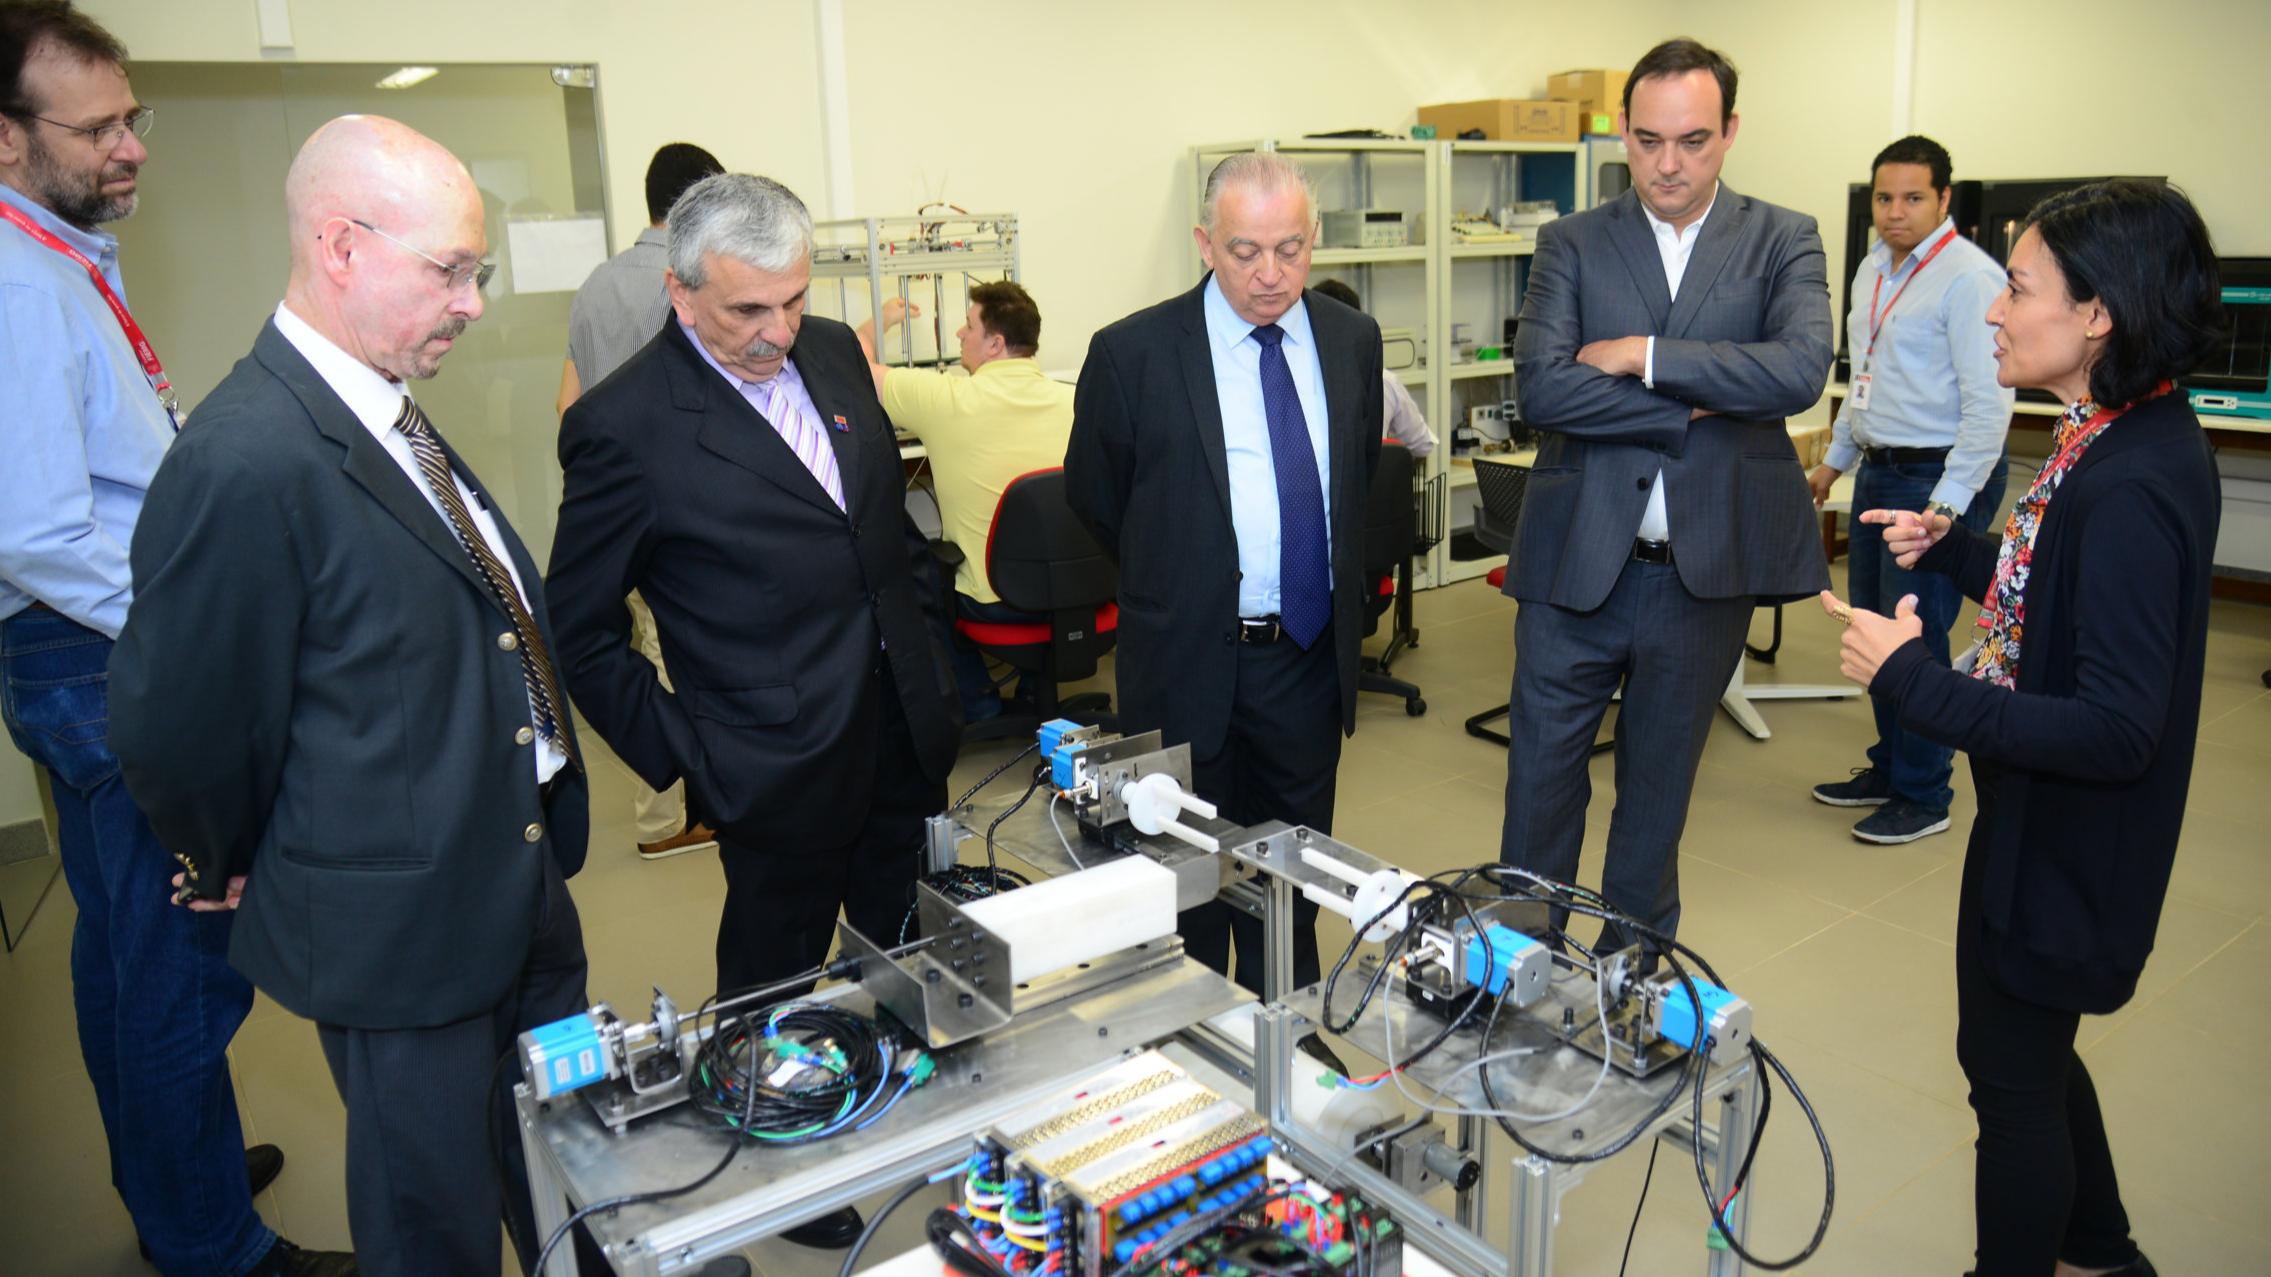 SENAI inaugura novos Institutos de Inovação